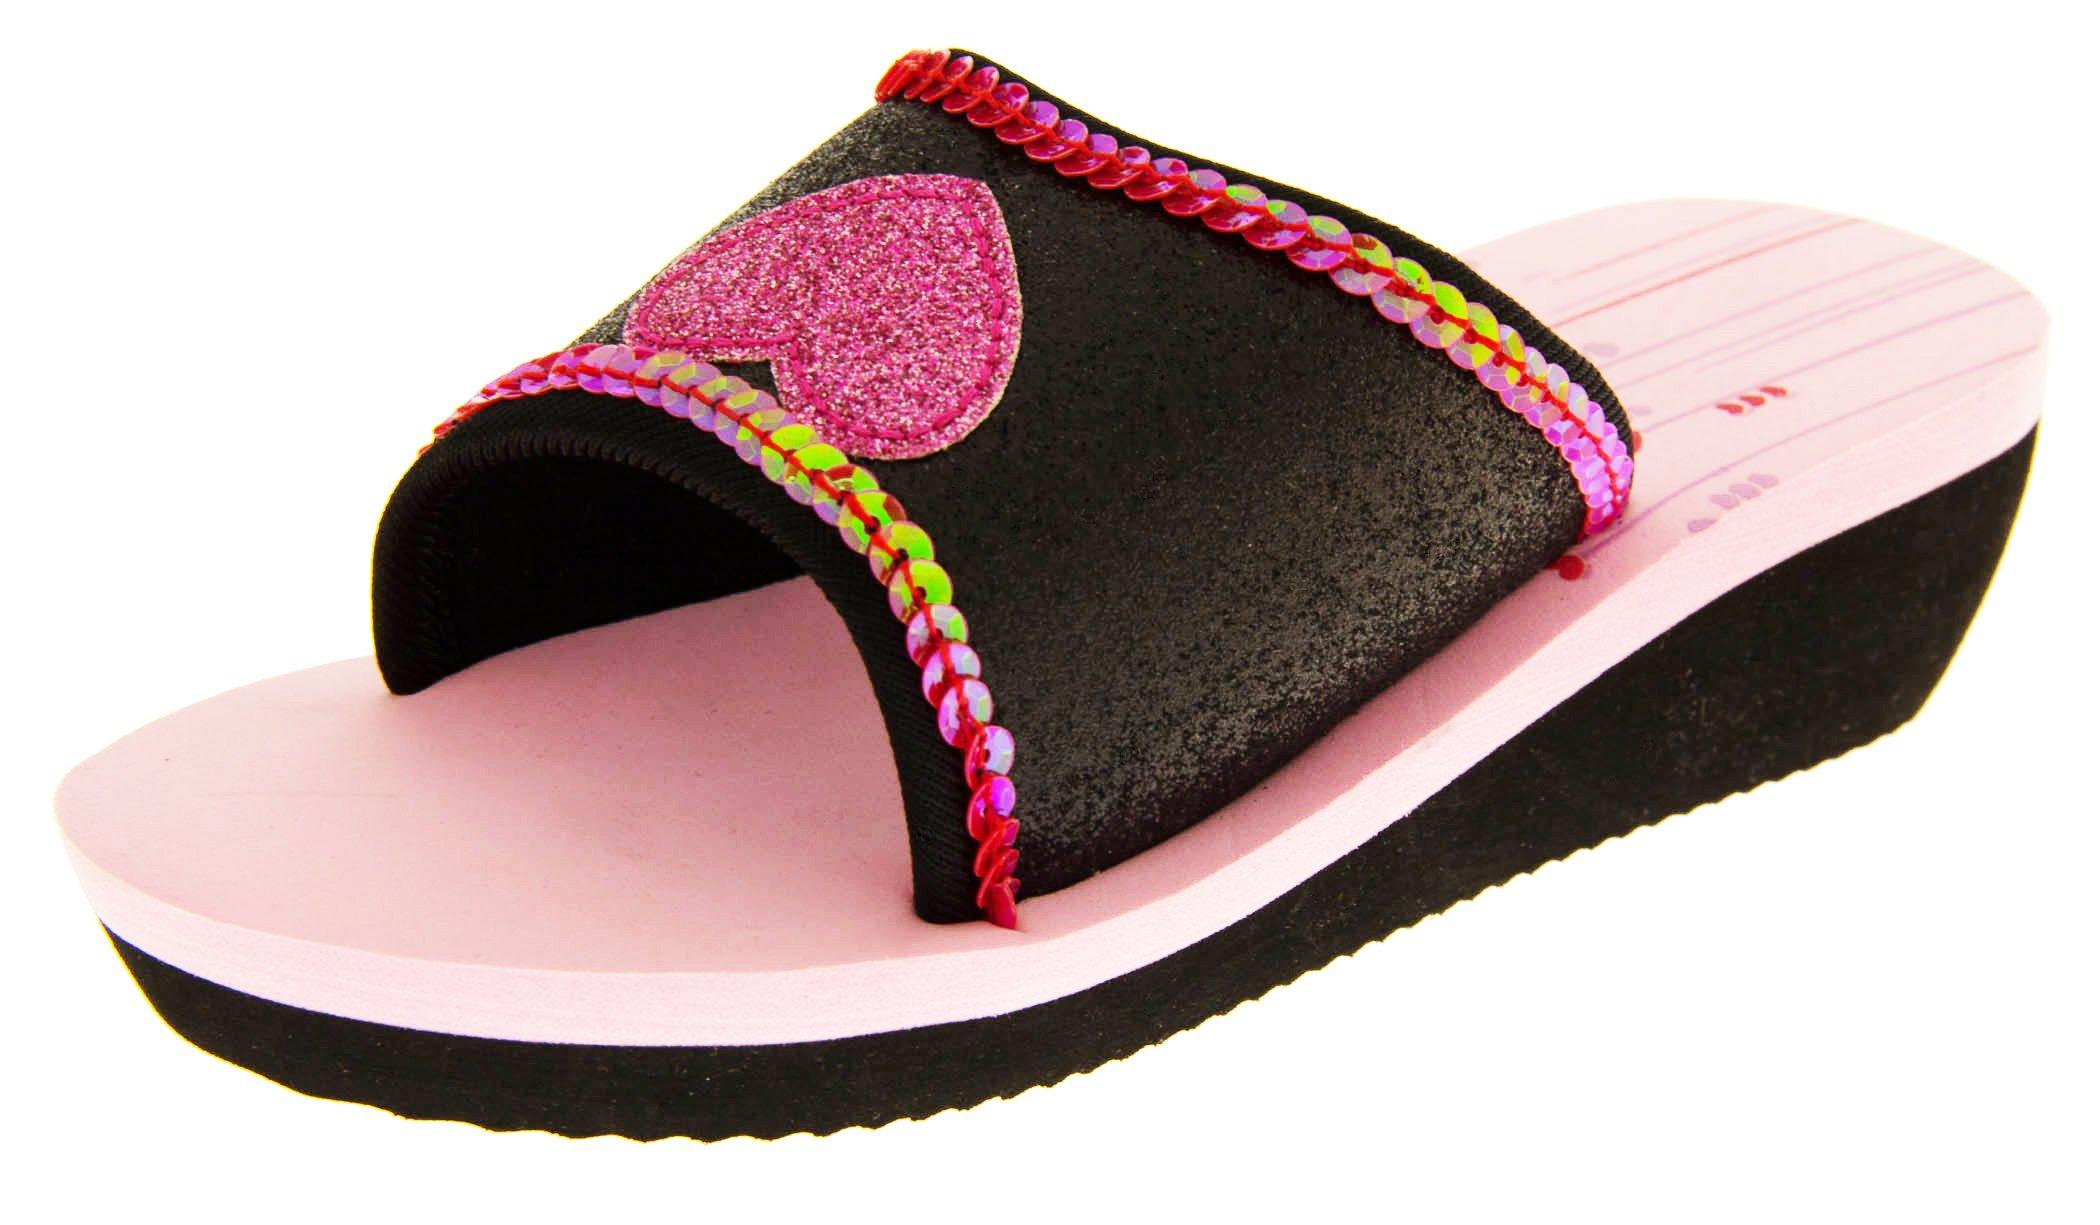 De Fonseca Girls Black With Pink Glitter Heart Summer Flip Flops Sandals Beach Shoes US 3.5